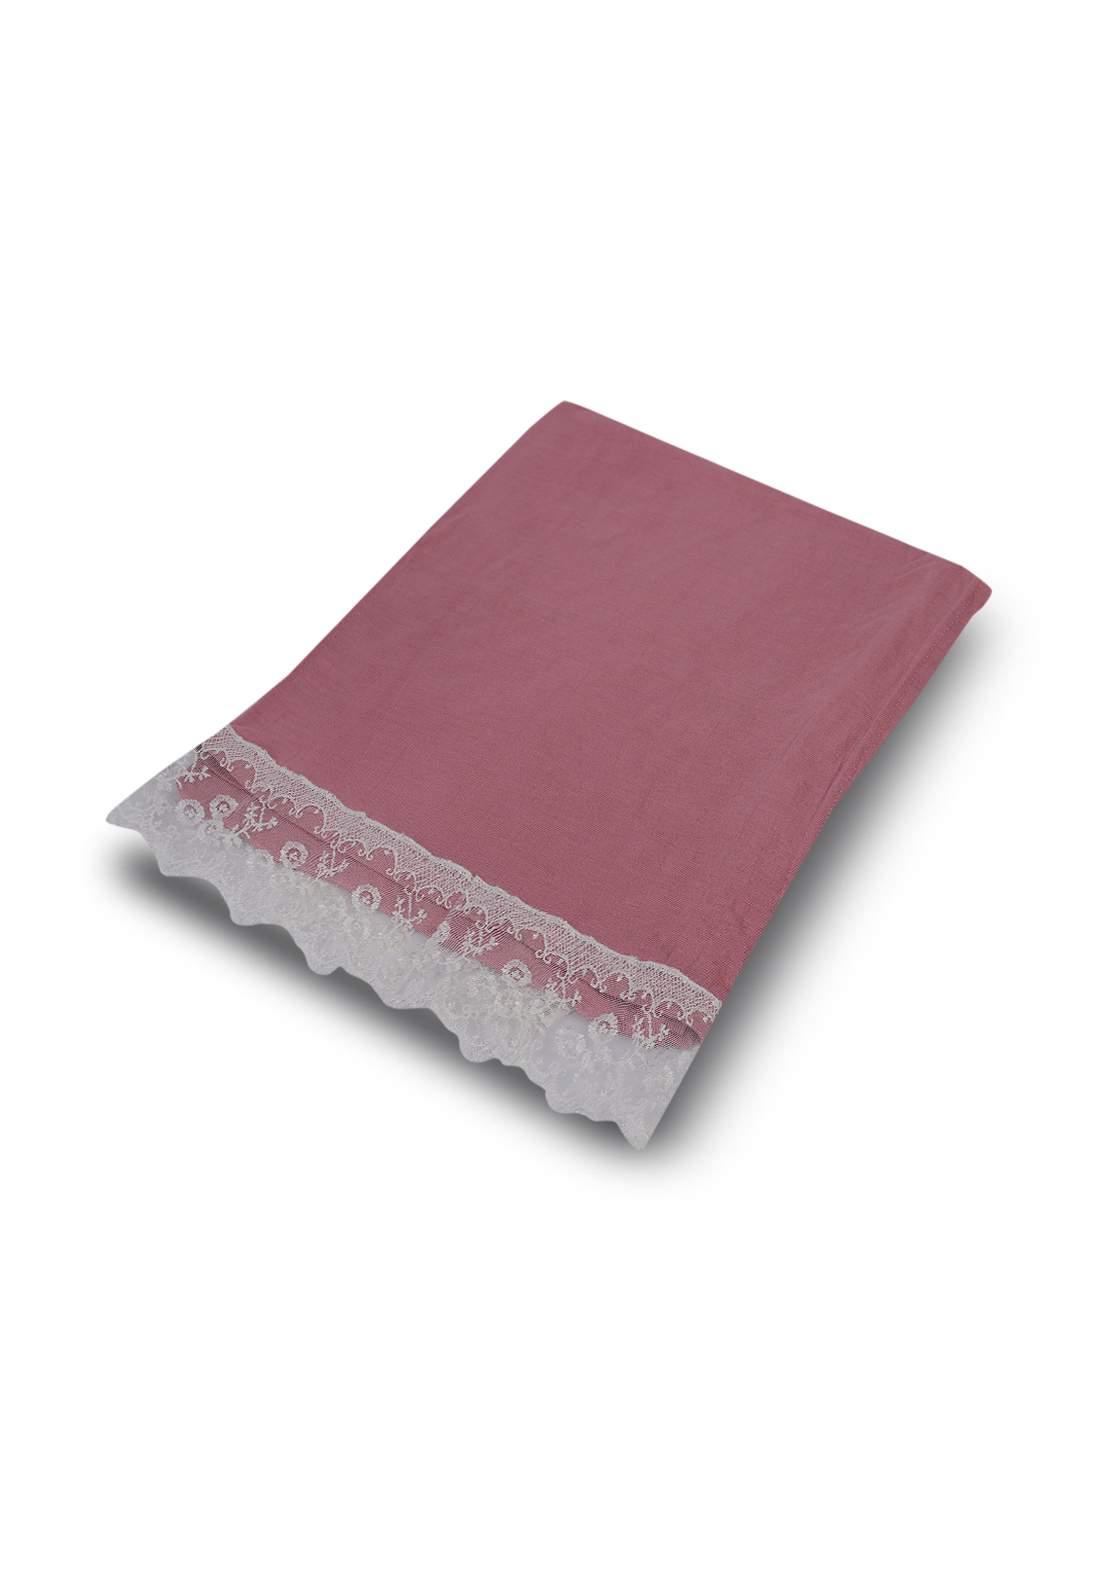 شيلة بحواف من الدانتيل وردي اللون